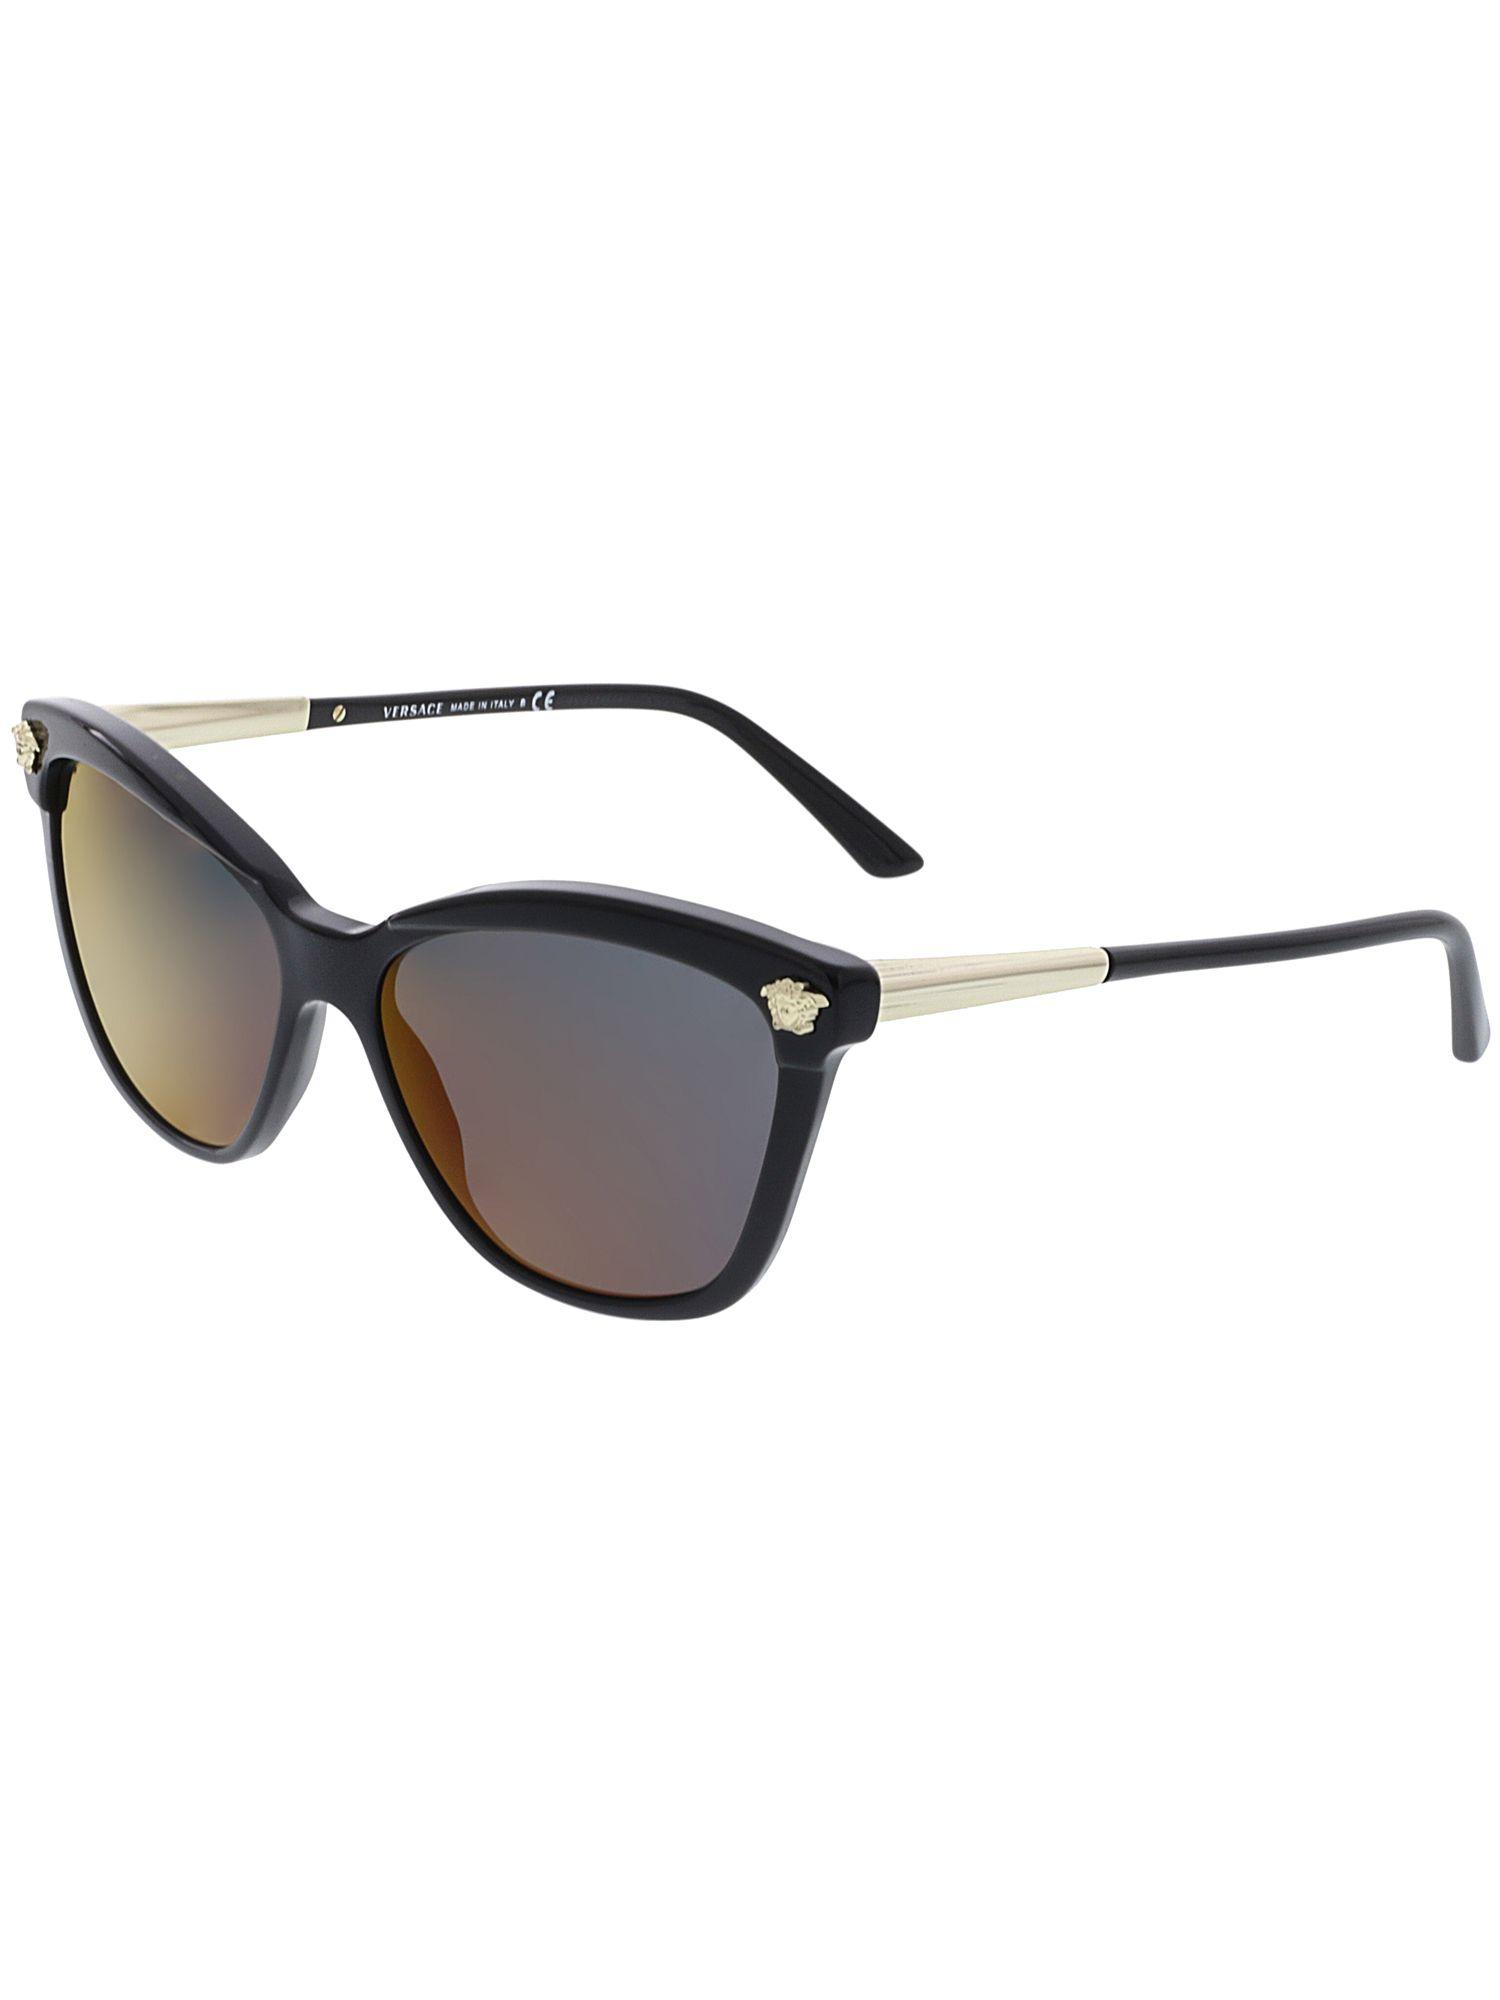 2e83d0a8b Óculos de Sol Versace MOD. 4313 GB1/W6 - Omega Ótica e Relojoaria